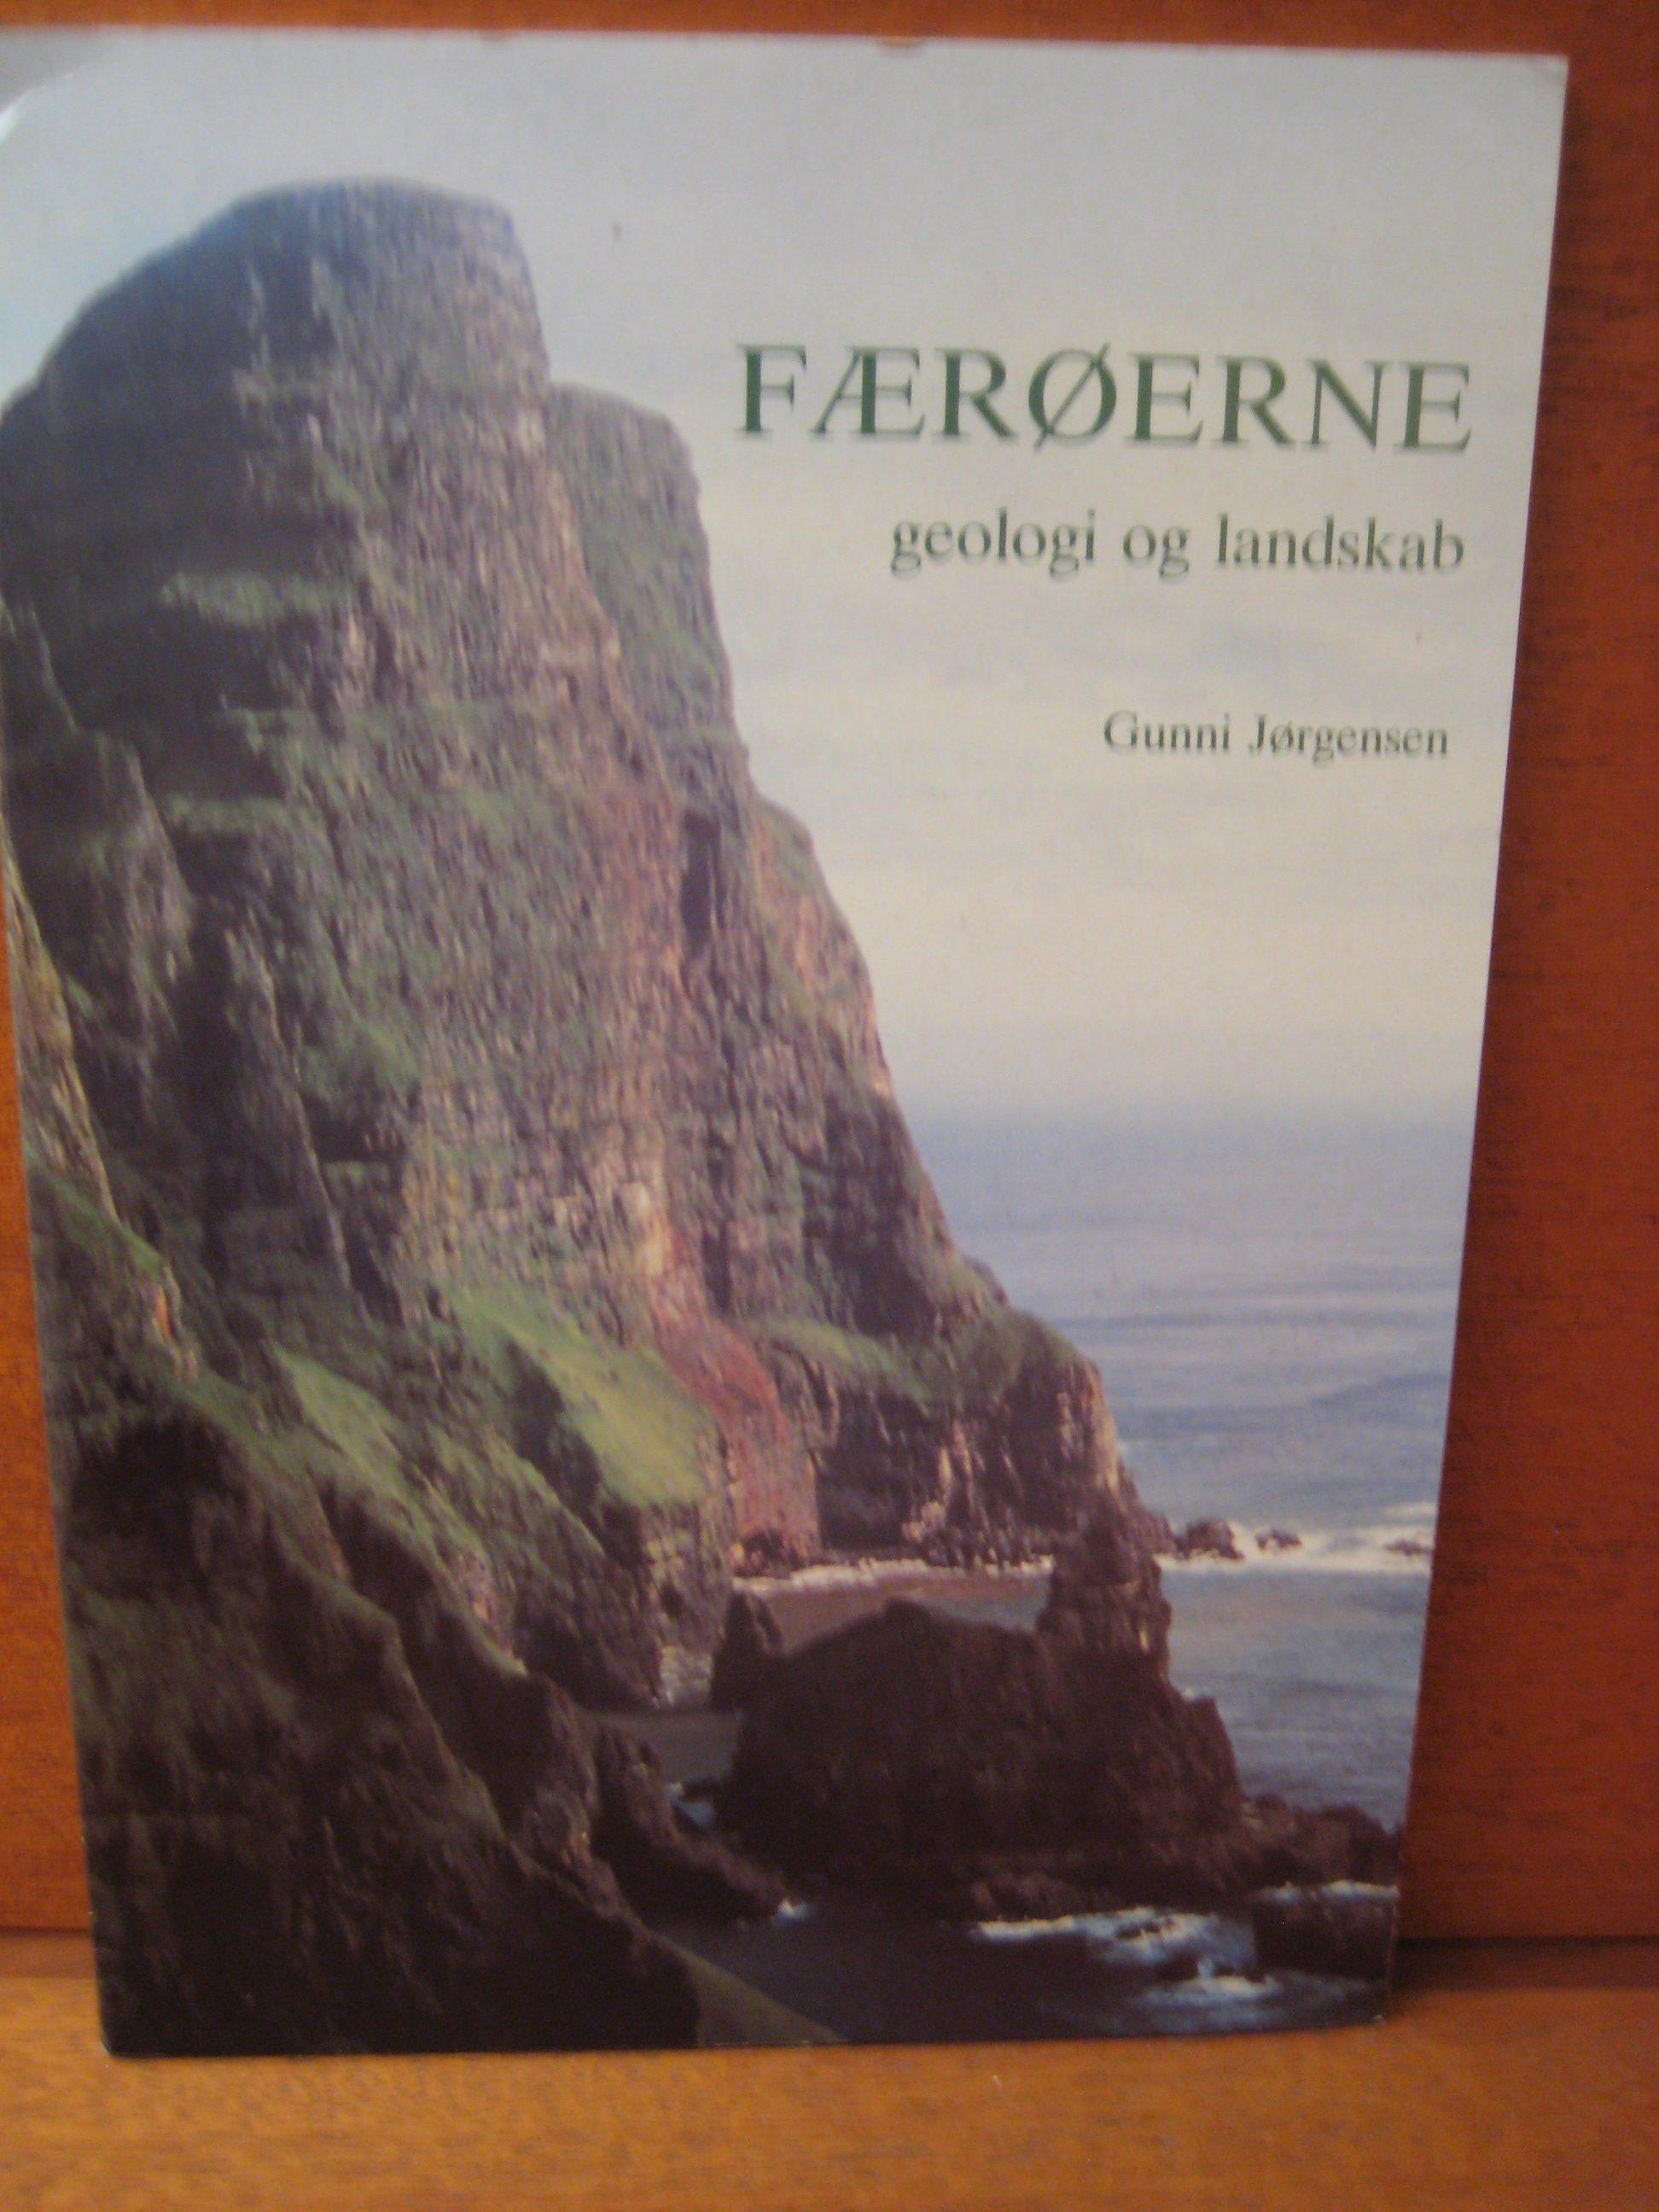 Færøerne geologi og landskab